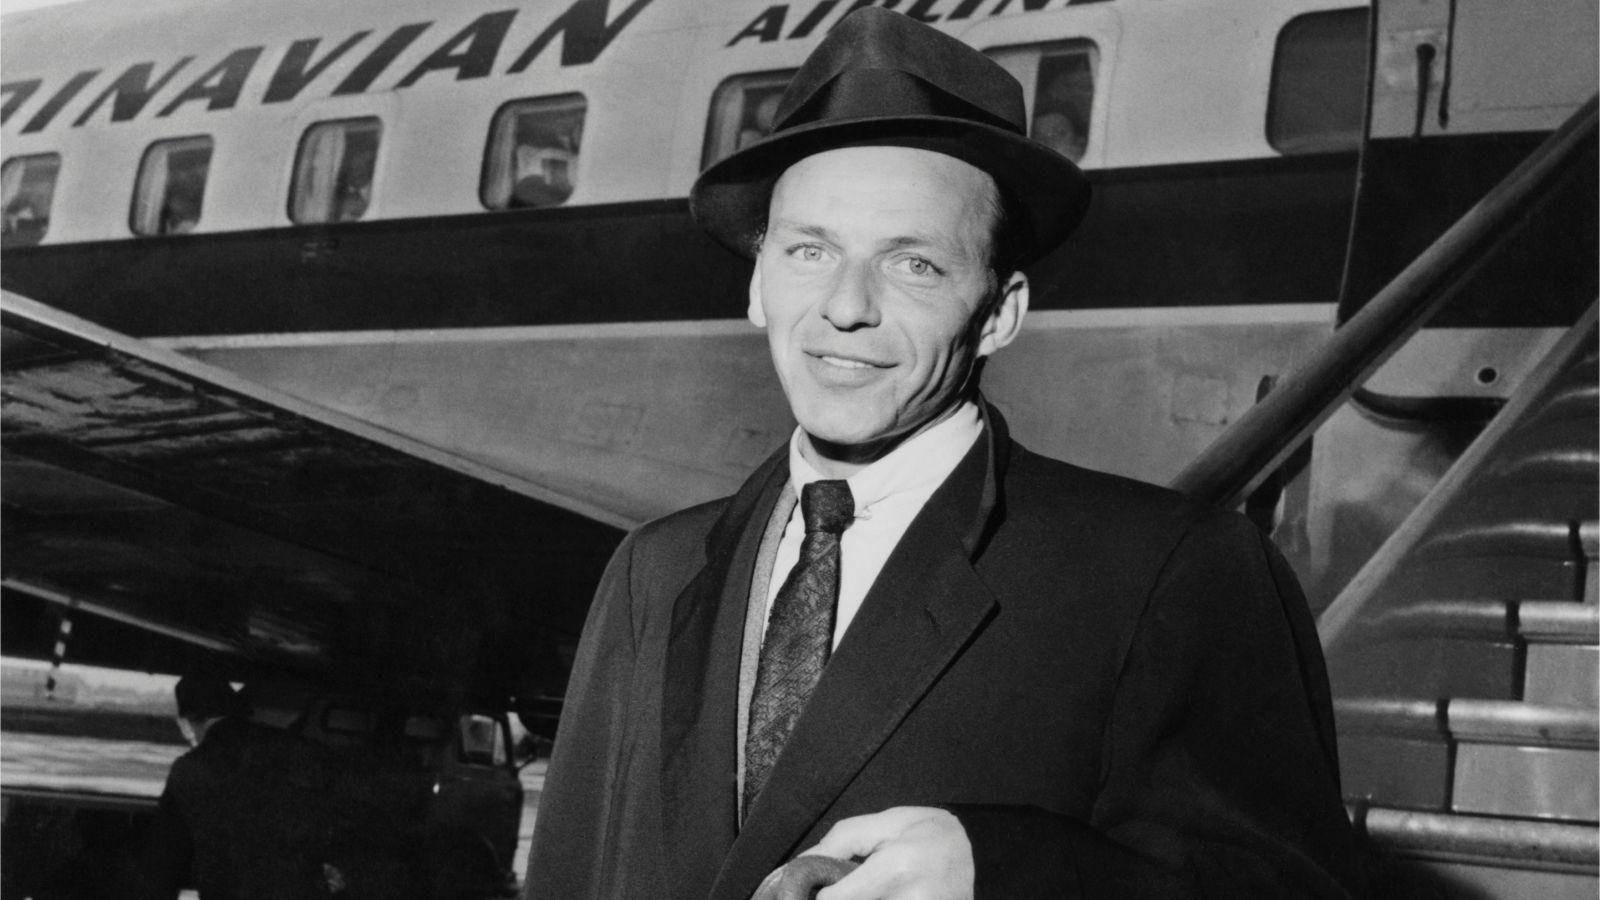 ¿Qué tienen en común David Byrne, Ian Astbury y Frank Sinatra? - Radio Cantilo